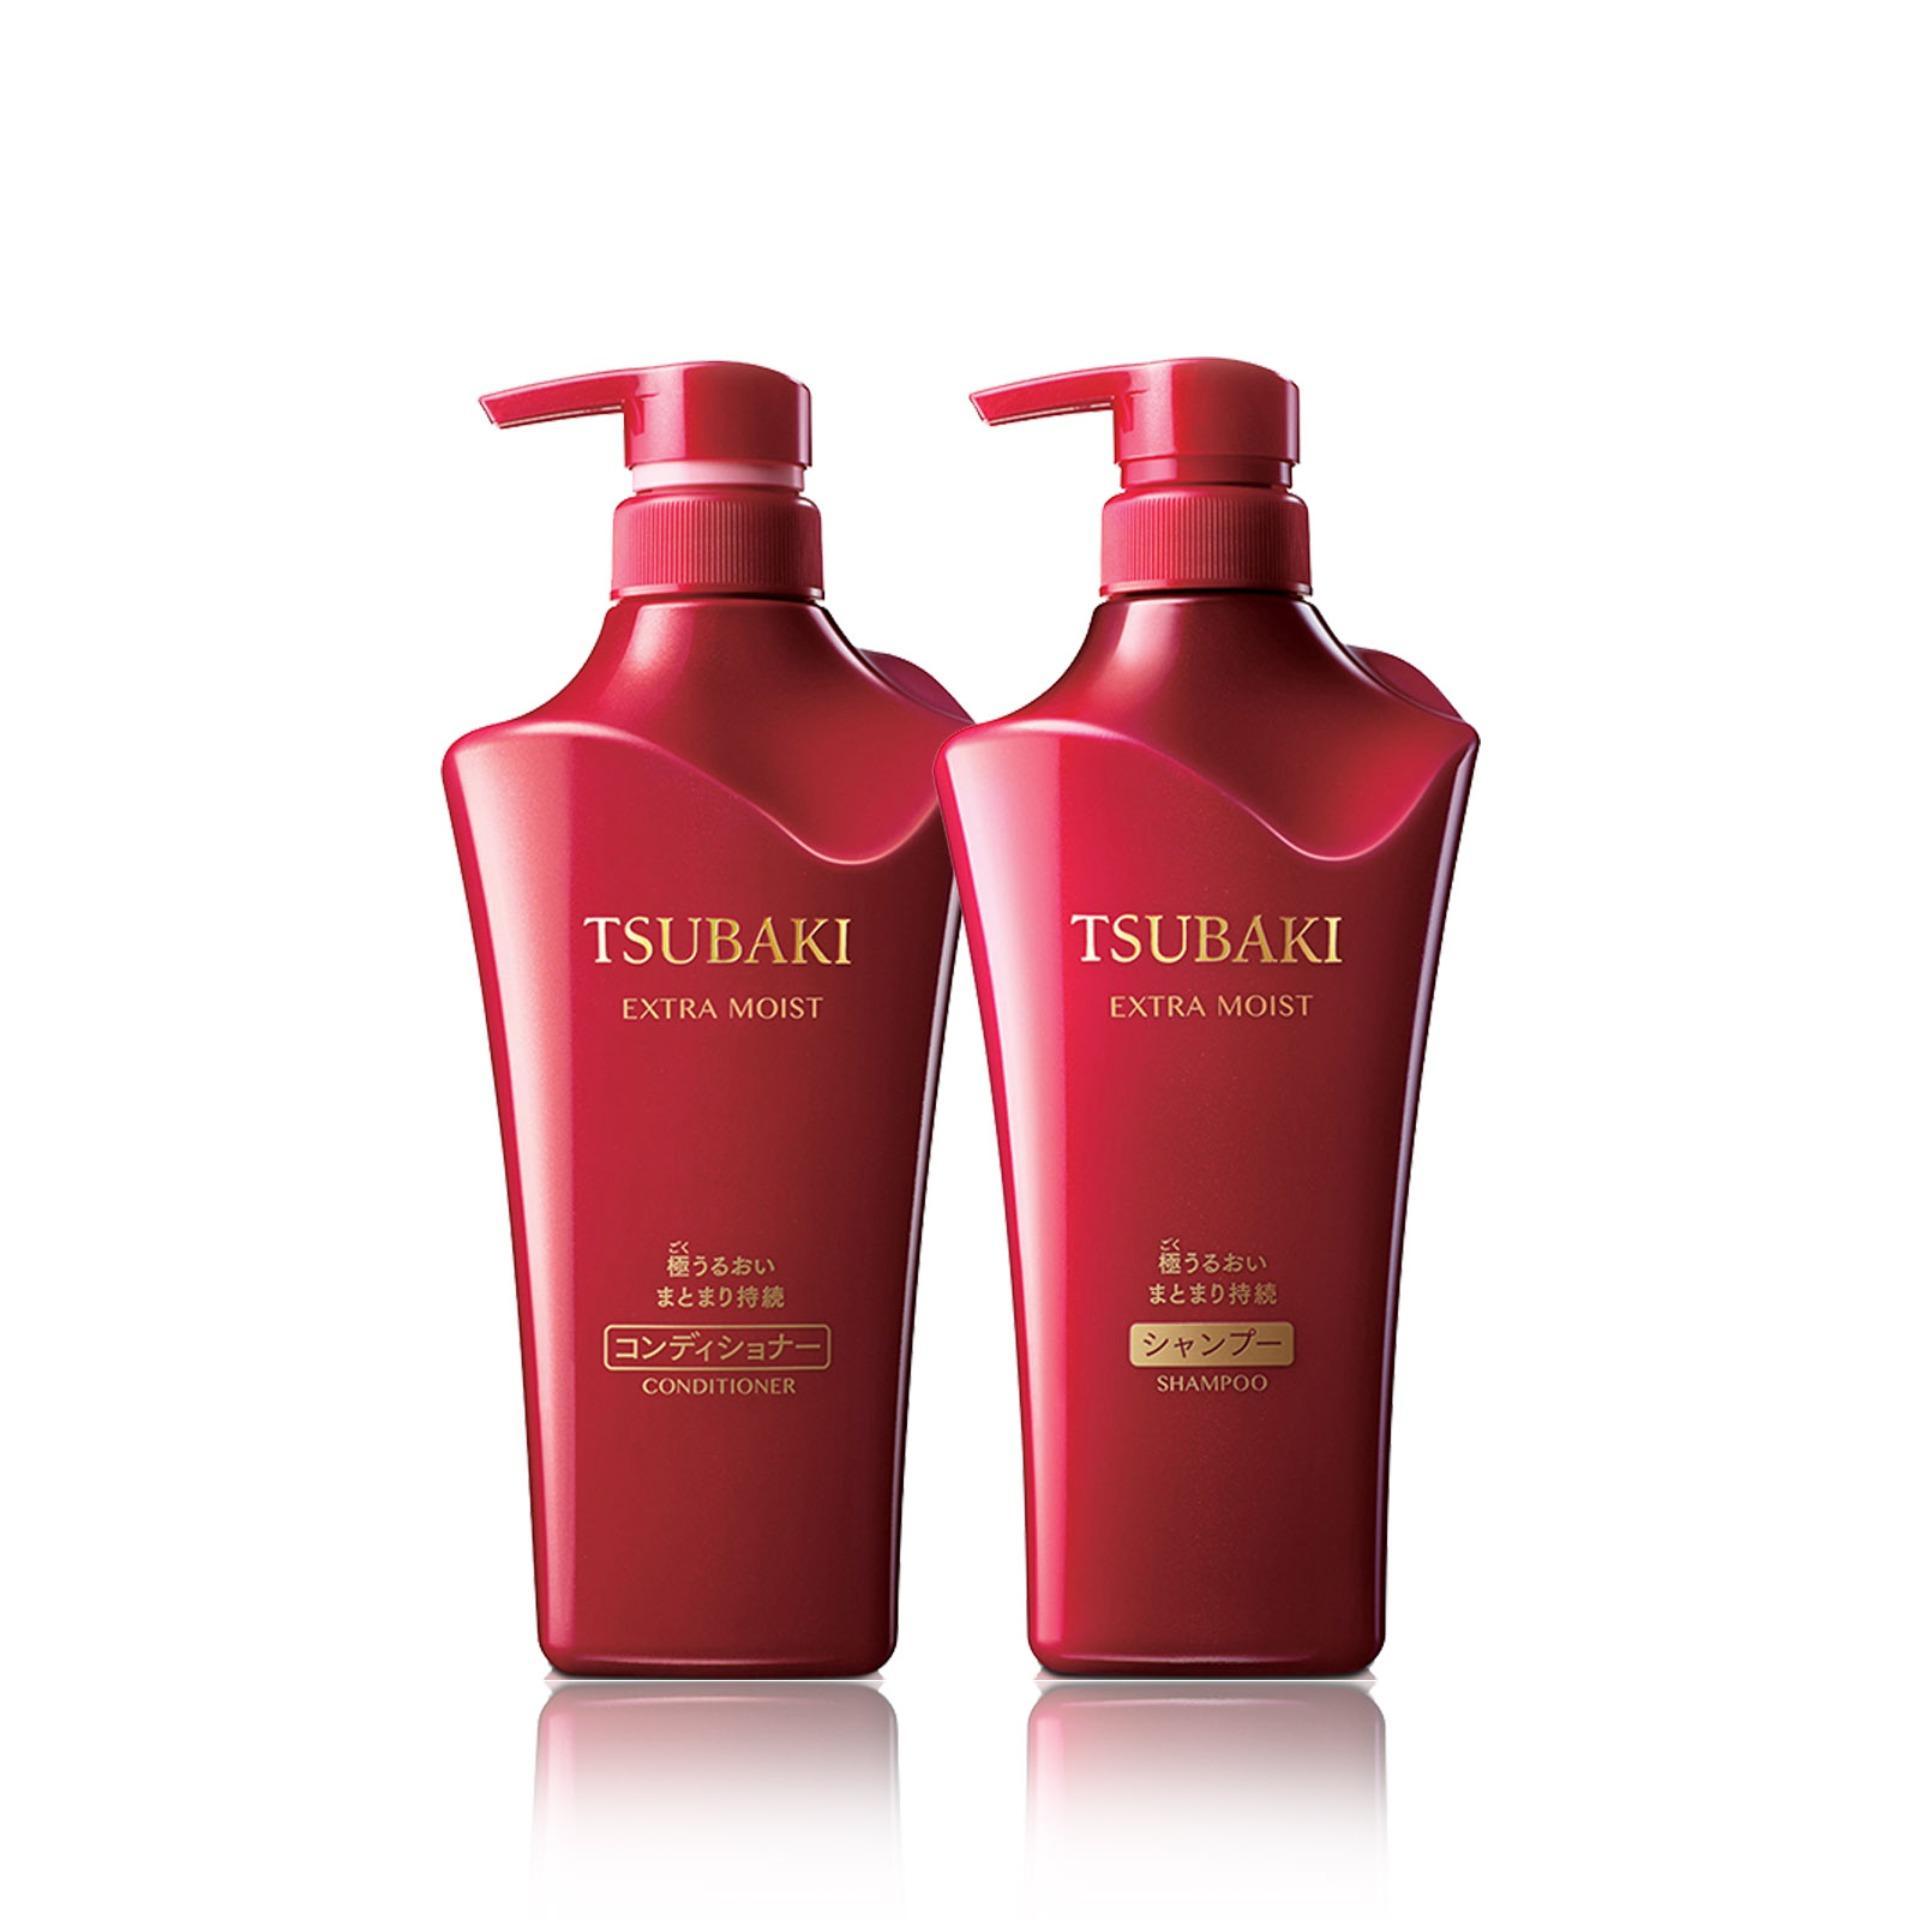 Tsubaki Extra Moist Shampoo + Conditioner 500ml